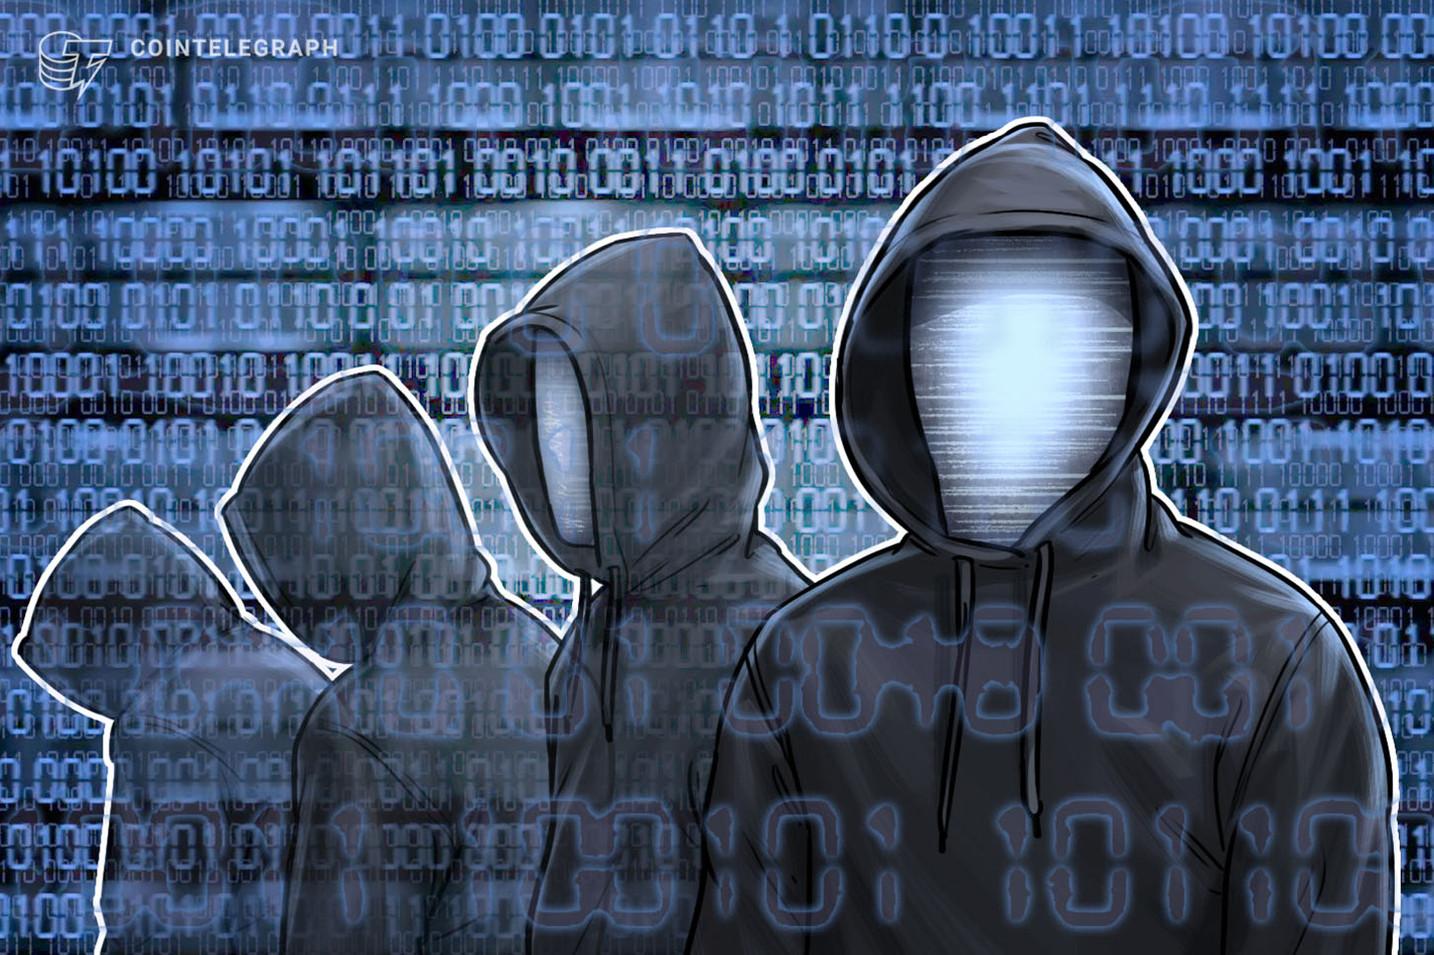 2020年の仮想通貨犯罪は19年比で減少、集中型取引所のセキュリティ改善が奏功=サイファートレース